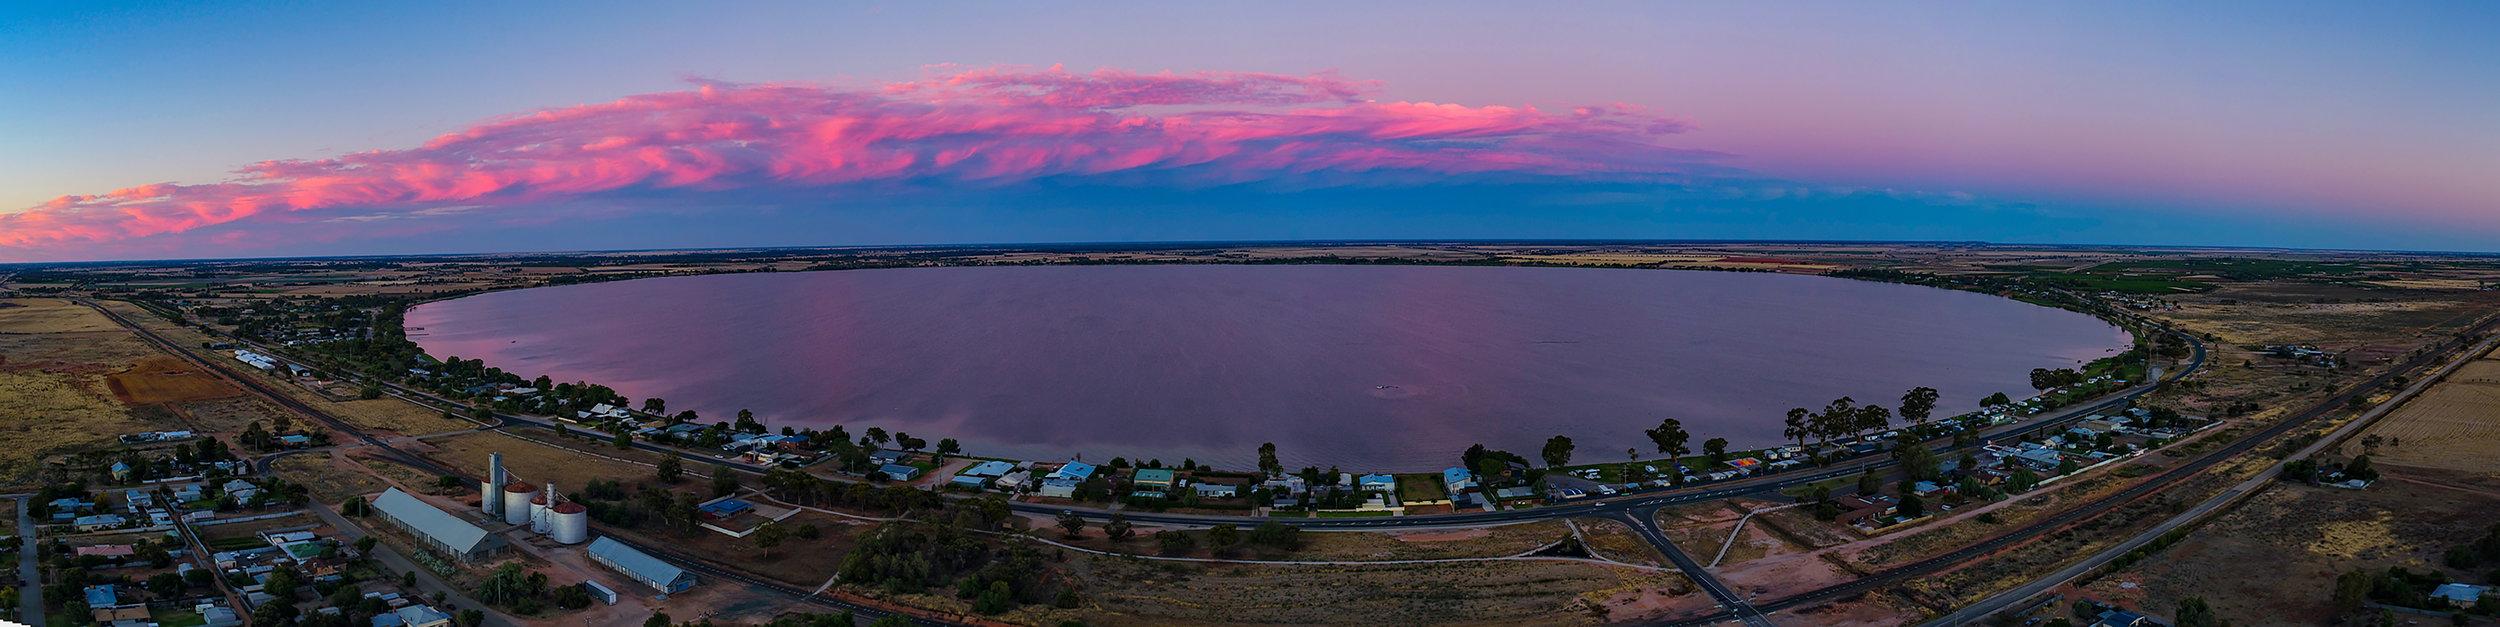 Lake Boga - VICTORIA